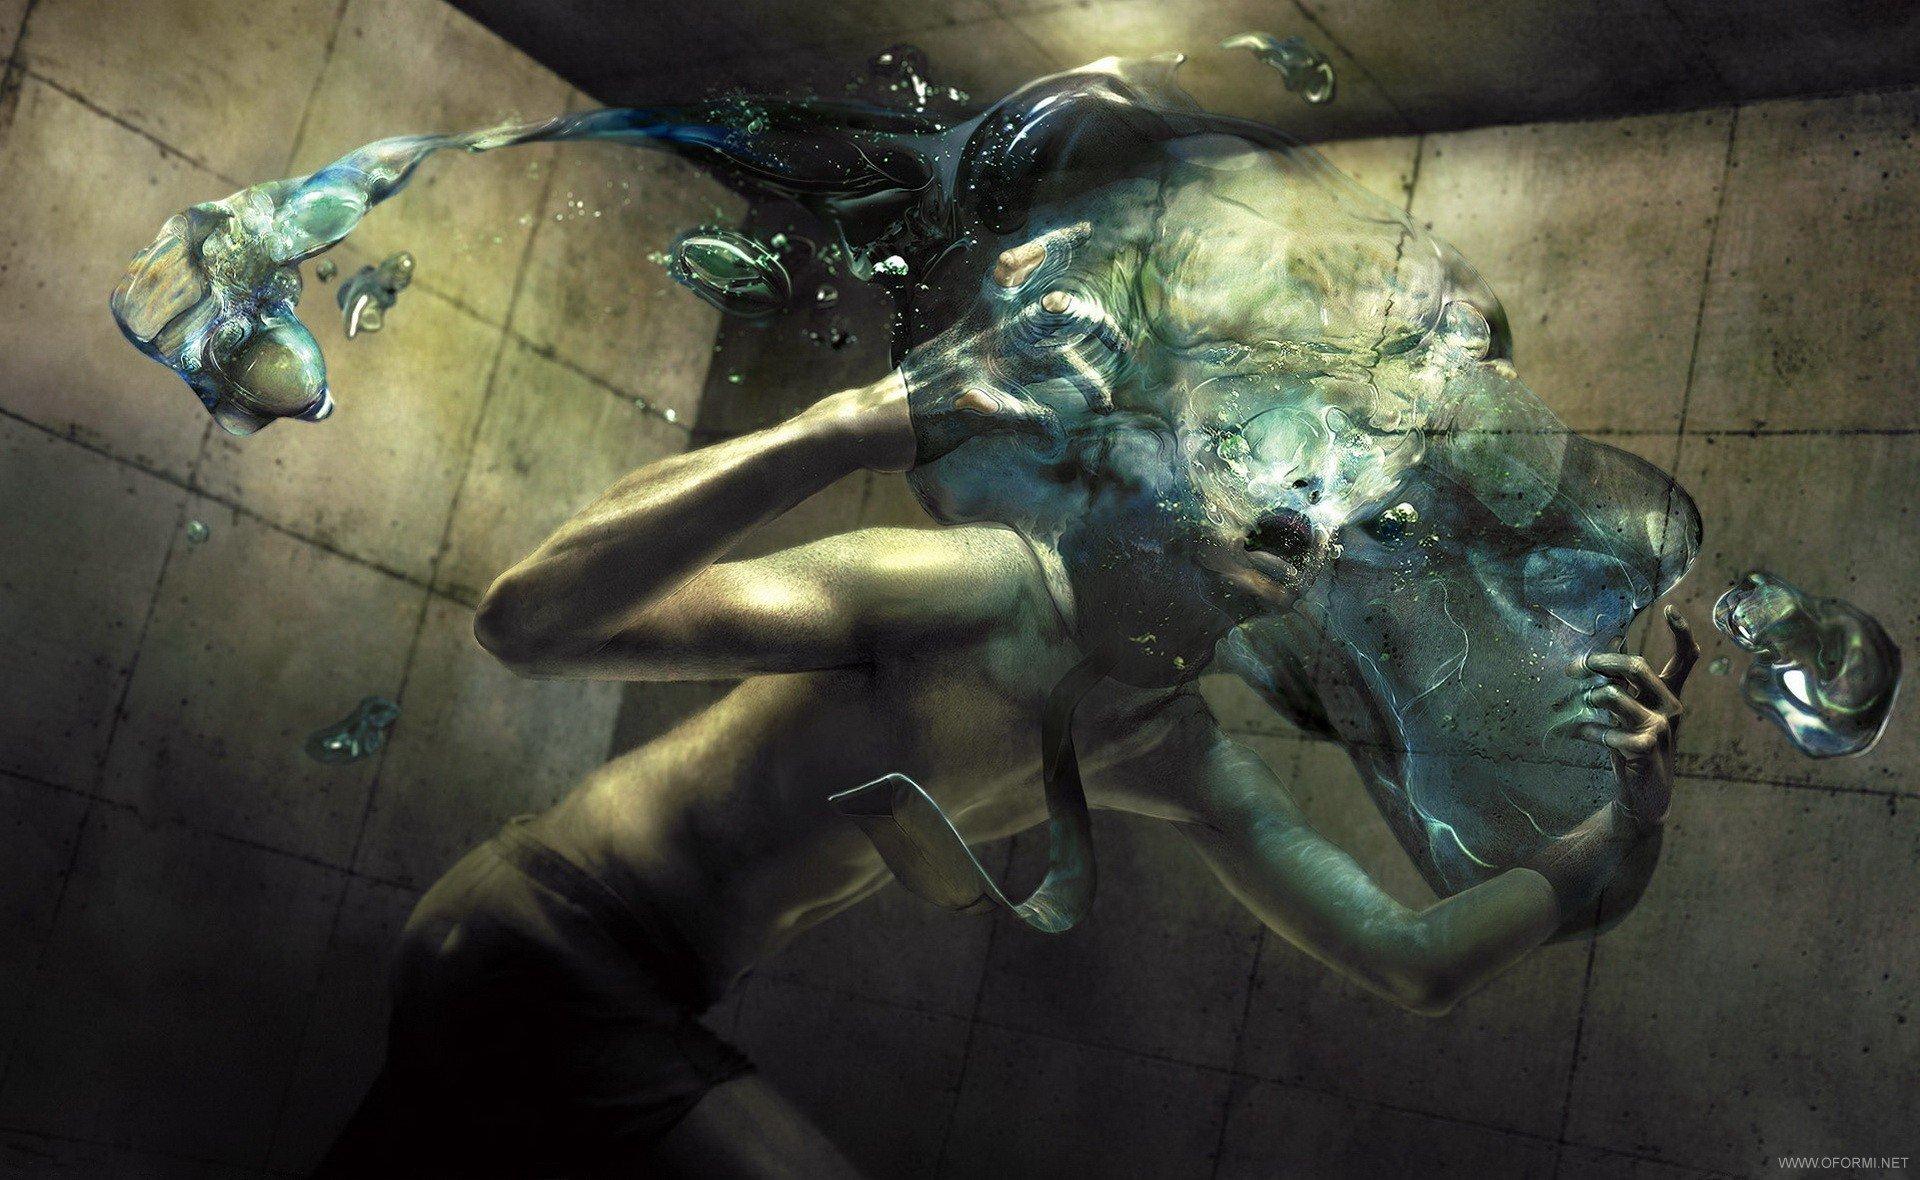 Страхи, ужасы, кошмары... Все мы чего-то боимся. Все мы мечтаем не зависеть от тех фобий, что таятся у нас в голове. .... - Изображение 1